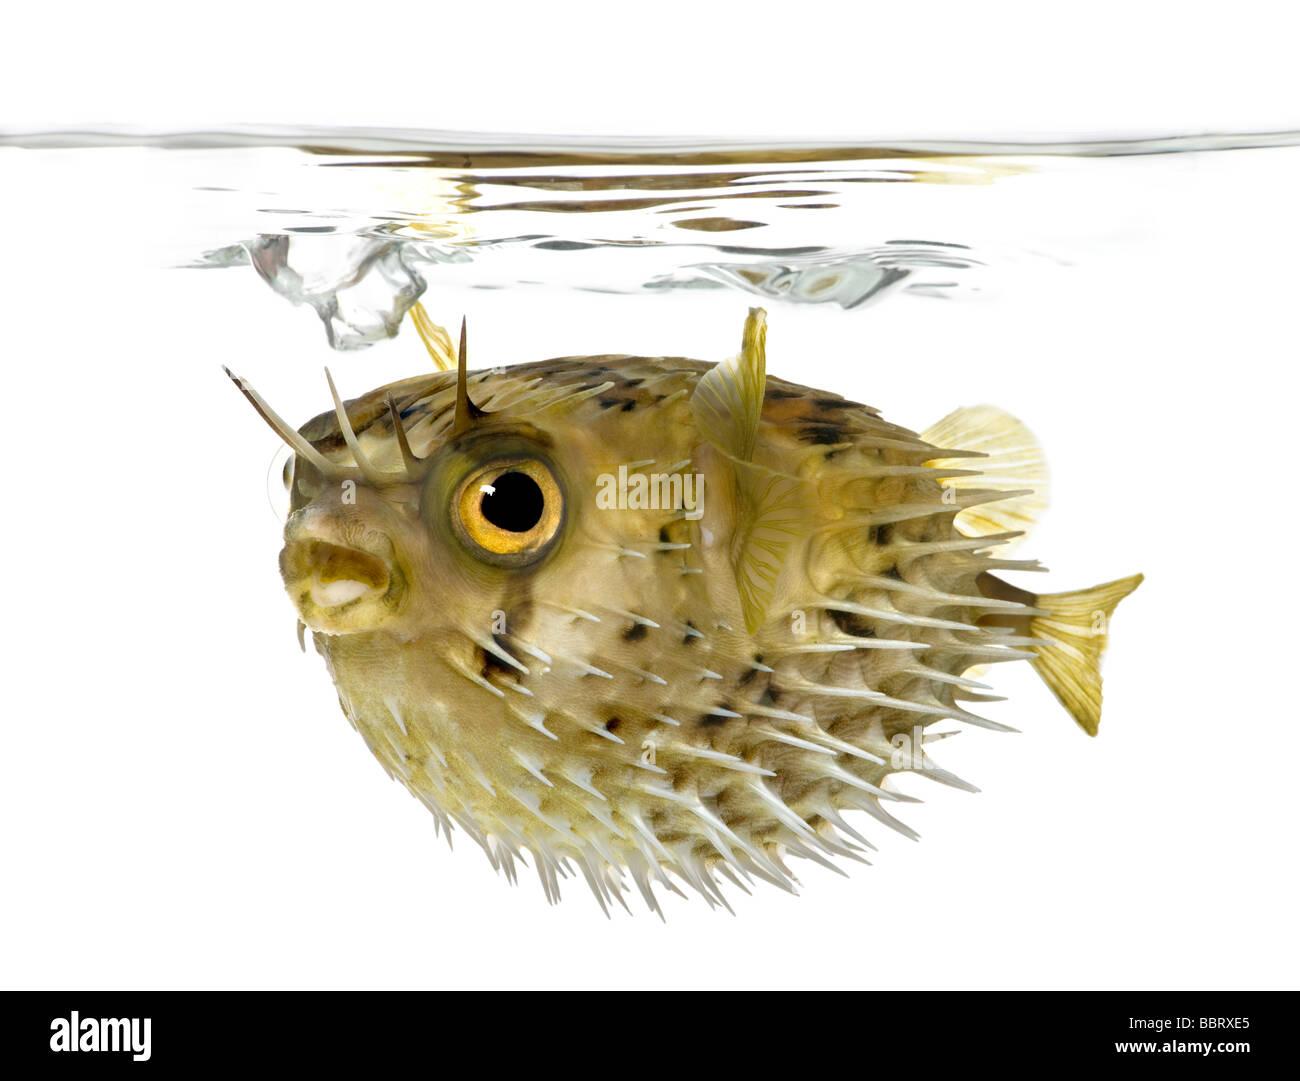 Dos Long porcs-épics savent aussi que l'balloonfish Diodon holocanthus devant un fond blanc Photo Stock